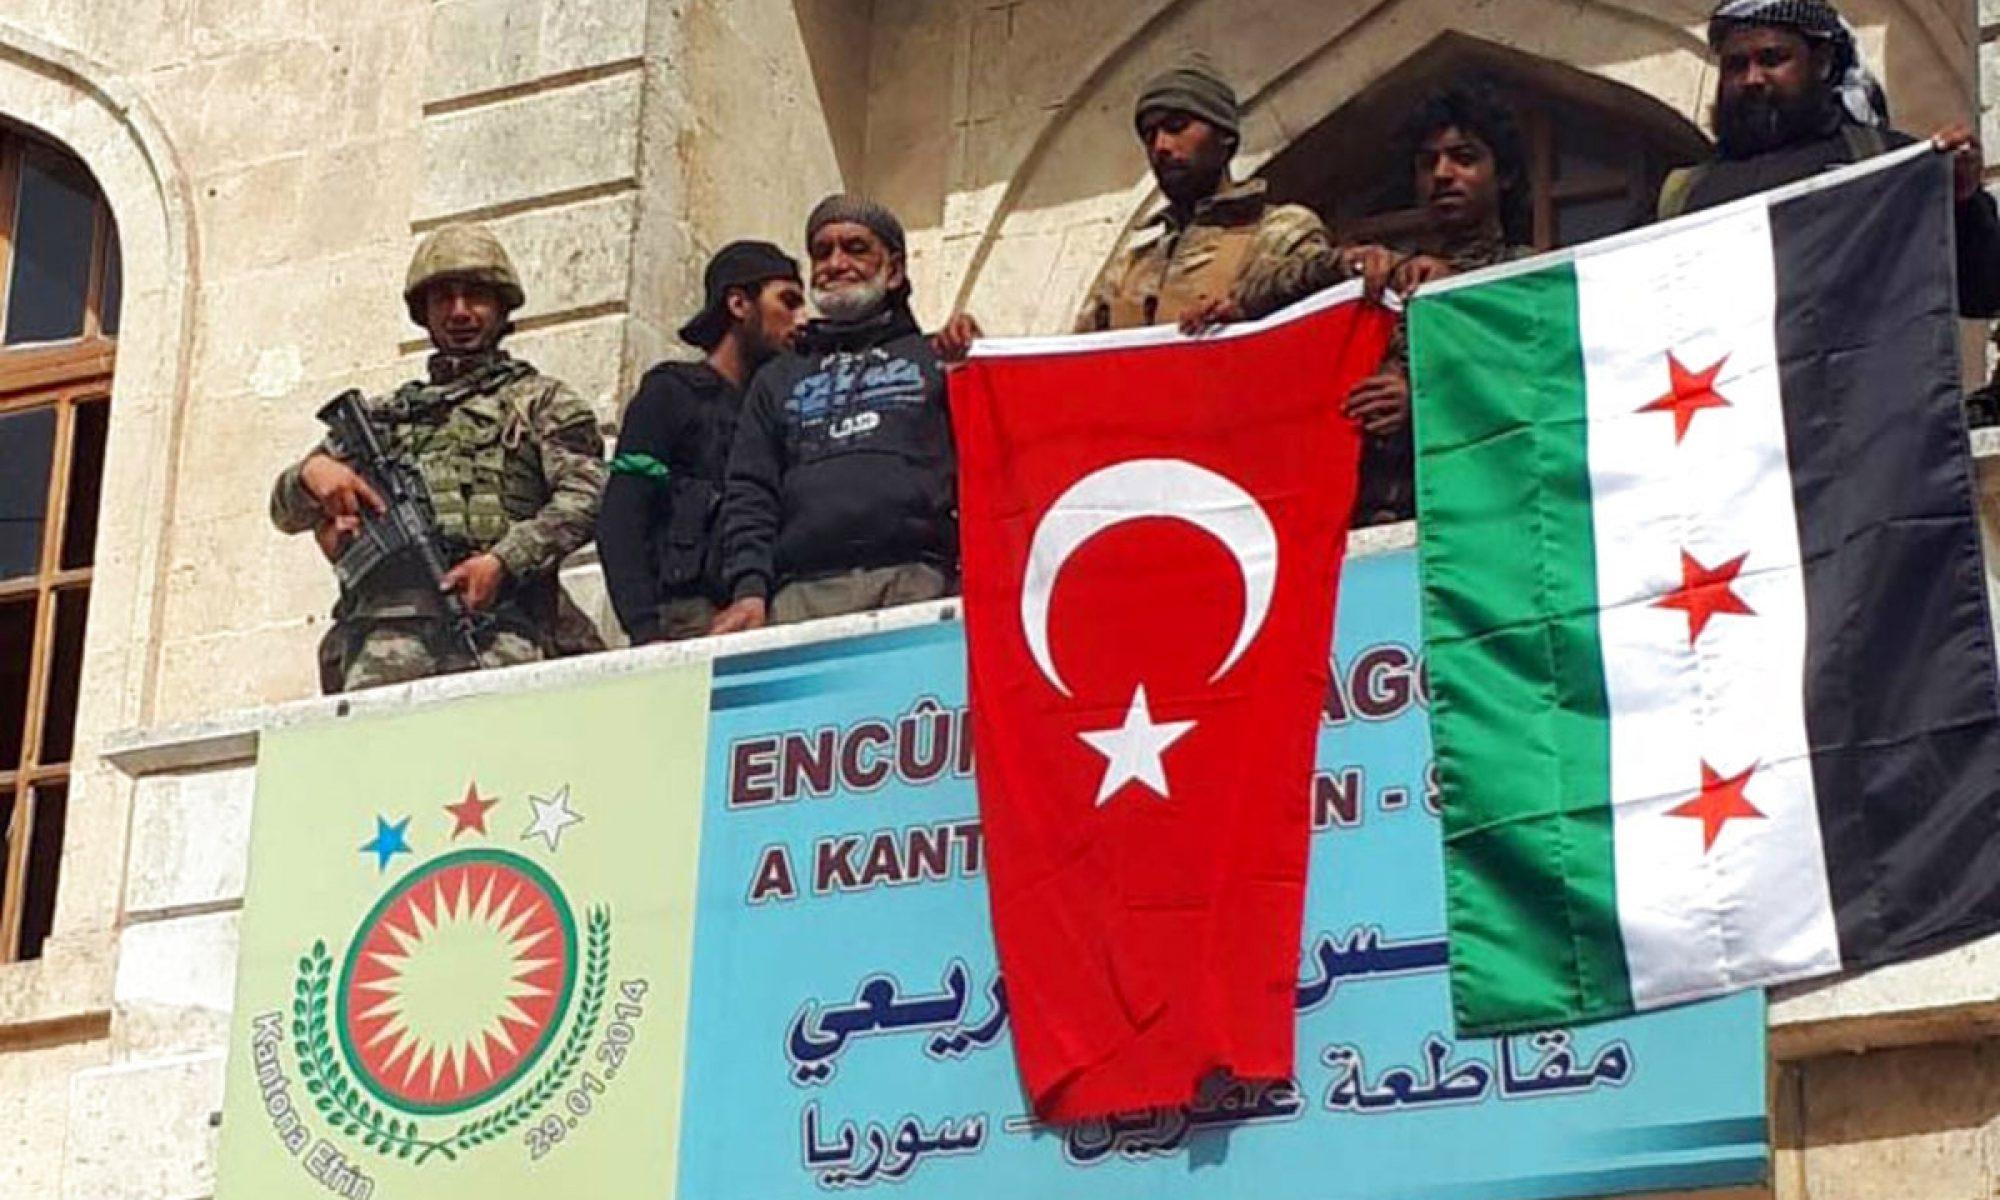 Efrin'in Türkleştirilip Araplaştırılamasında yeni bir adım: Kürtçe eğitim programından çıkarıldı